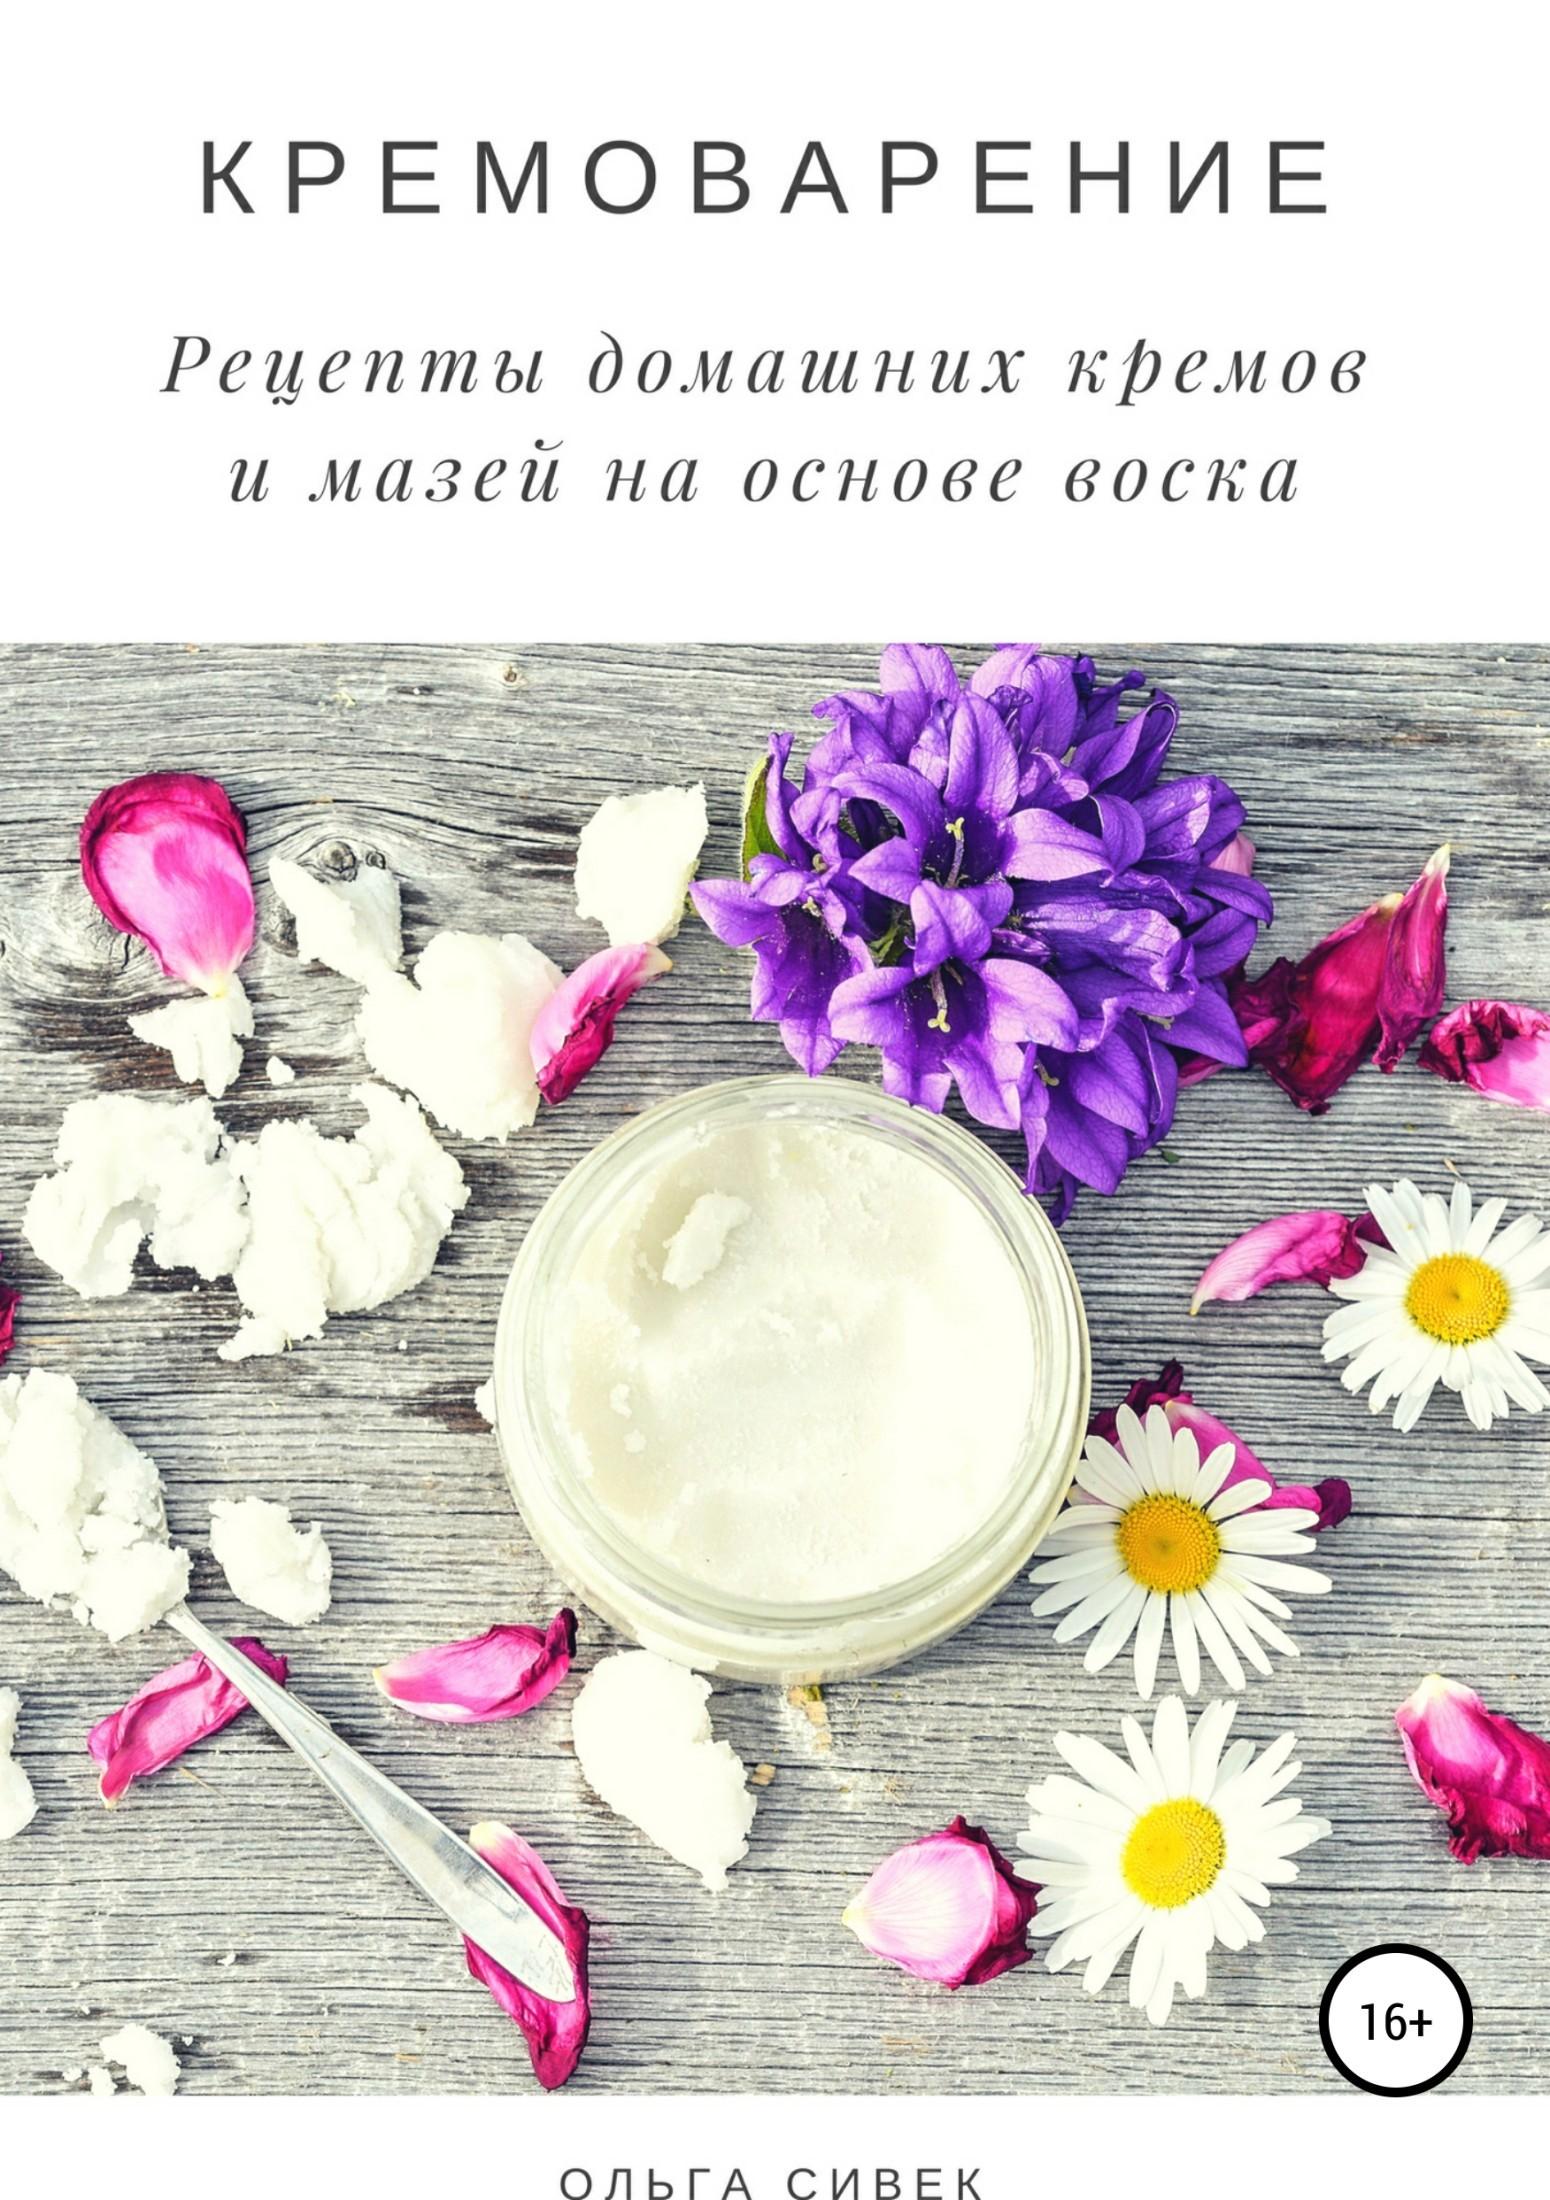 Ольга Сивек - Кремоварение. Рецепты домашних кремов и мазей на основе воска